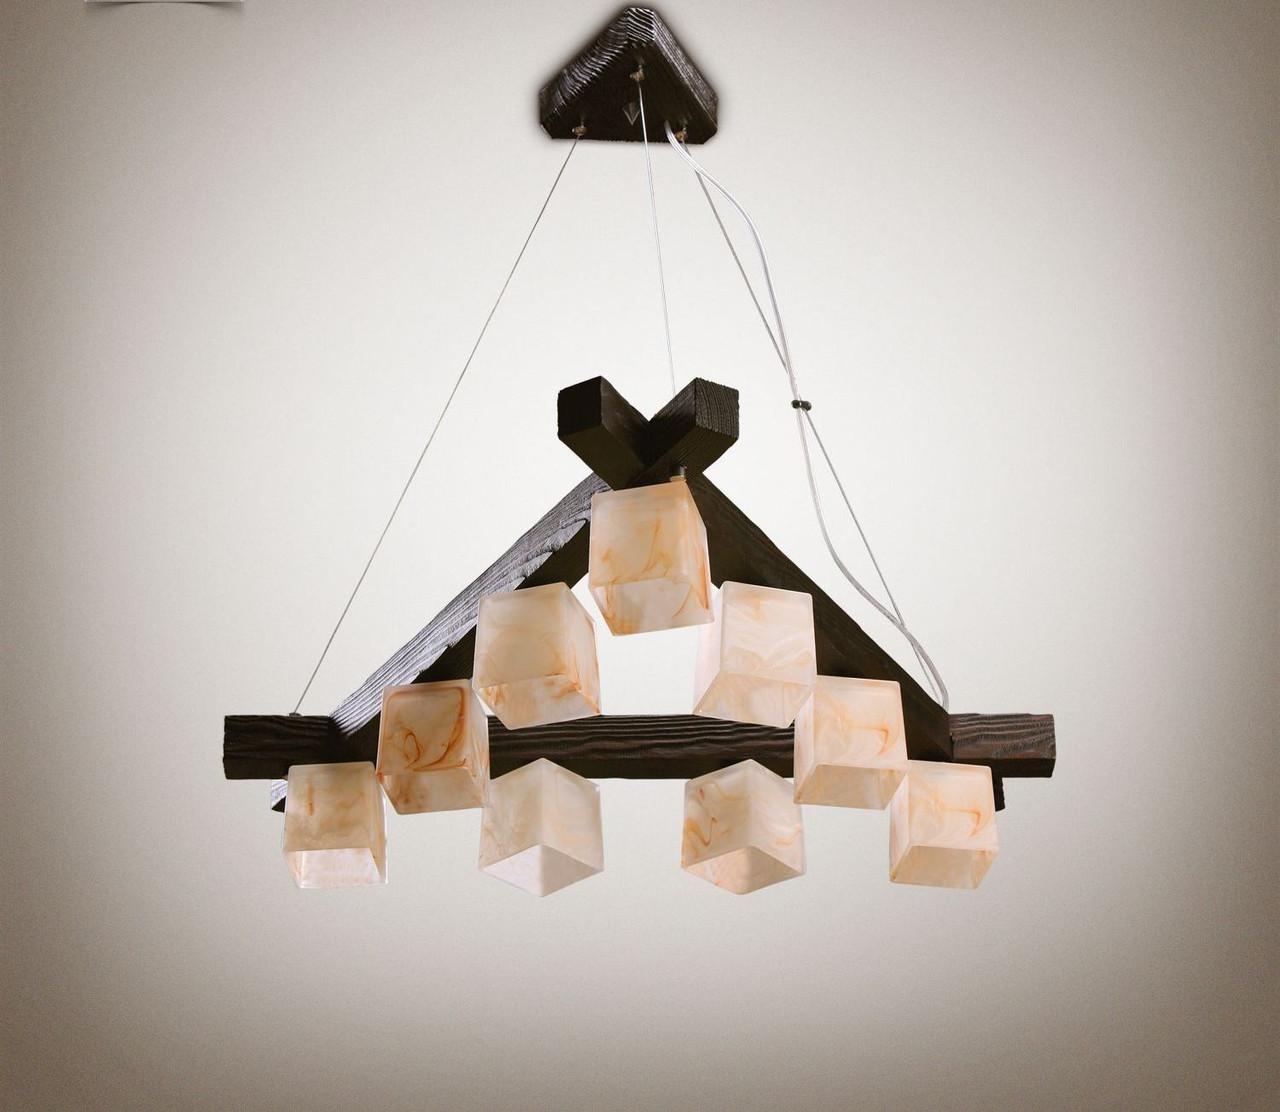 Люстра дерев'яна на тросах у велику кімнату 339